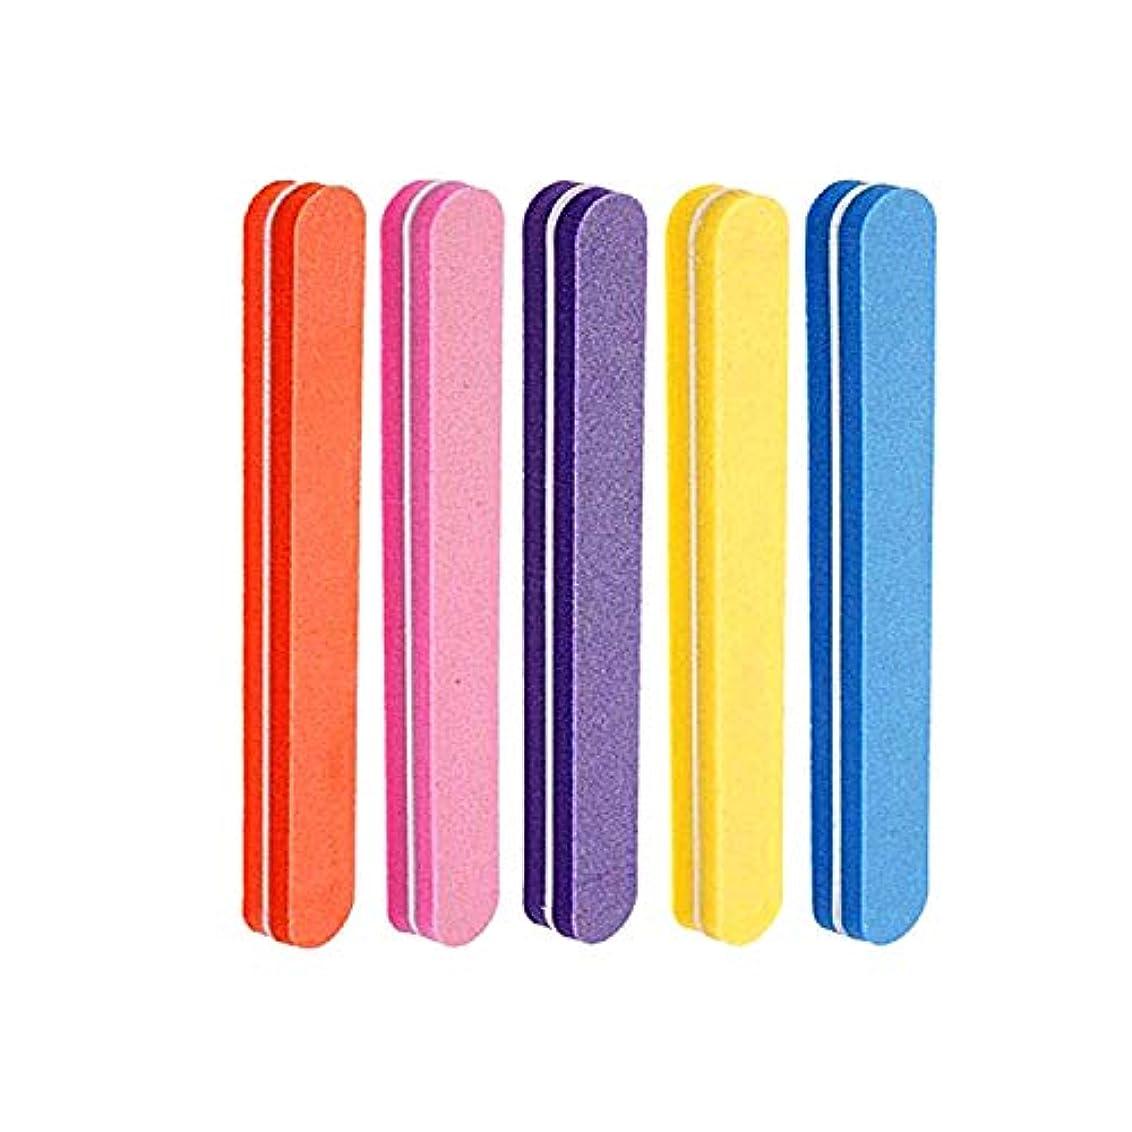 検出する講堂家族ネイルファイル 5色スポンジネイルバッファー 100/180グリット ジェルネイル用 (5本セット)